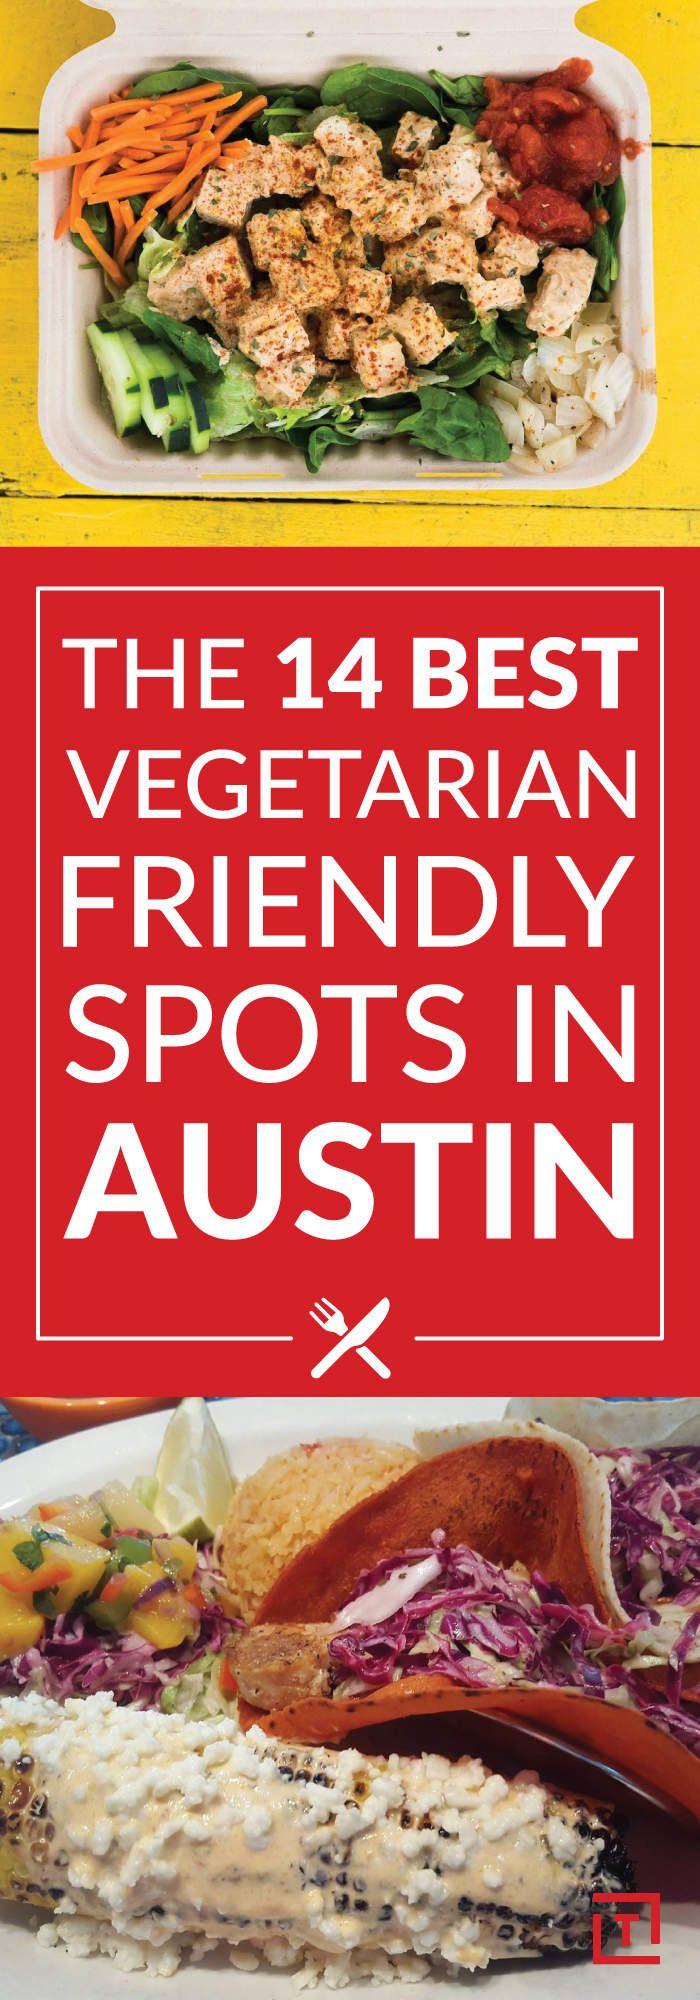 The Best Vegetarian And Vegan Restaurants In Austin Veg Restaurant Vegetarian Vegan Restaurants